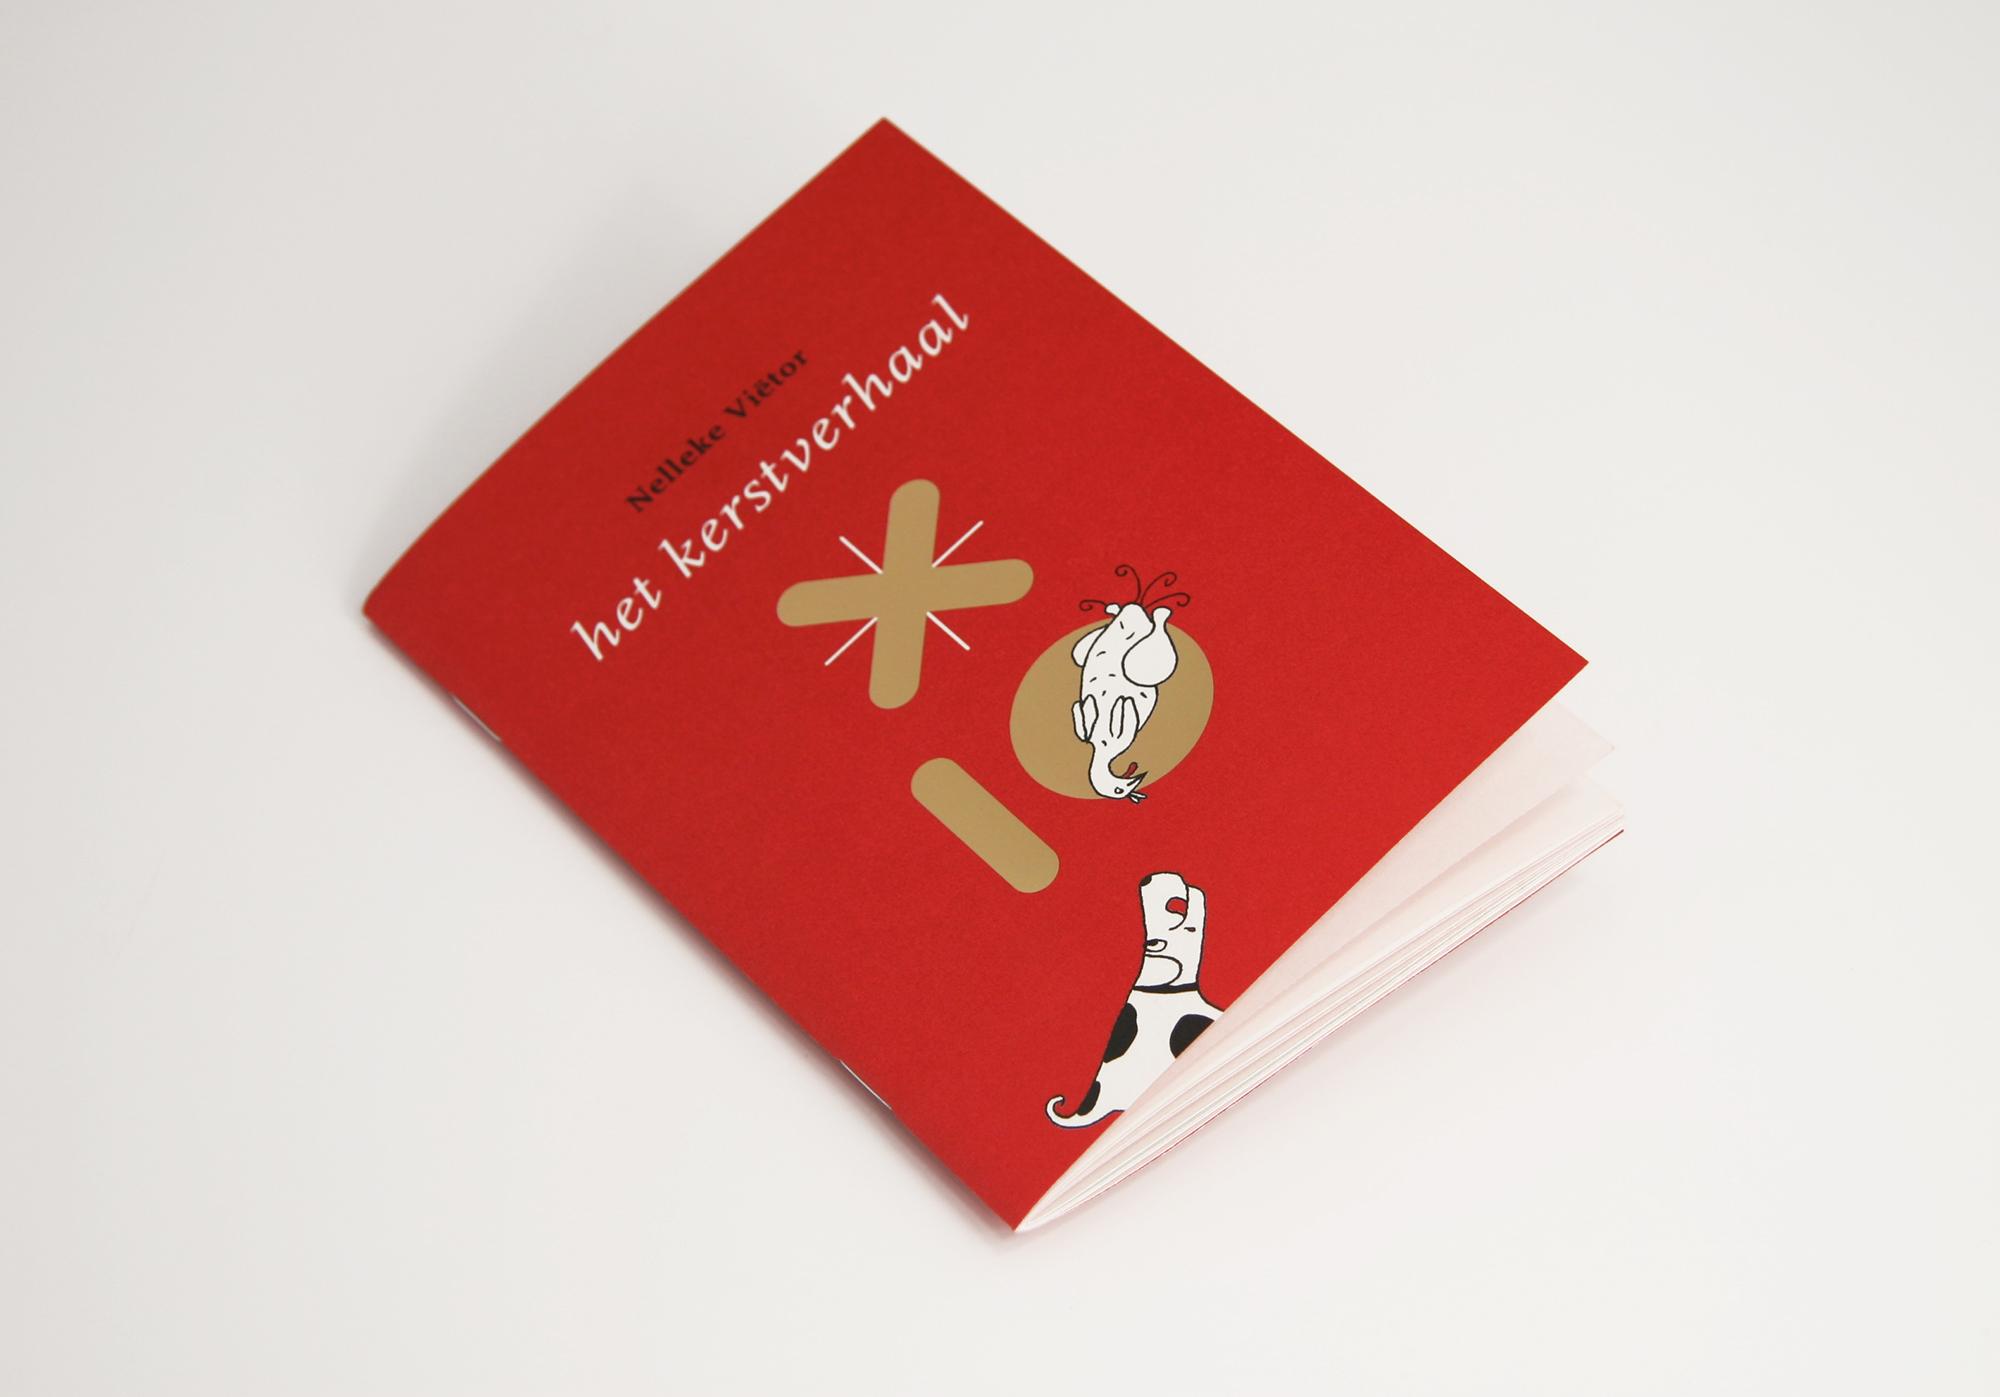 Het Kerstverhaal rode versie cover ankeiler